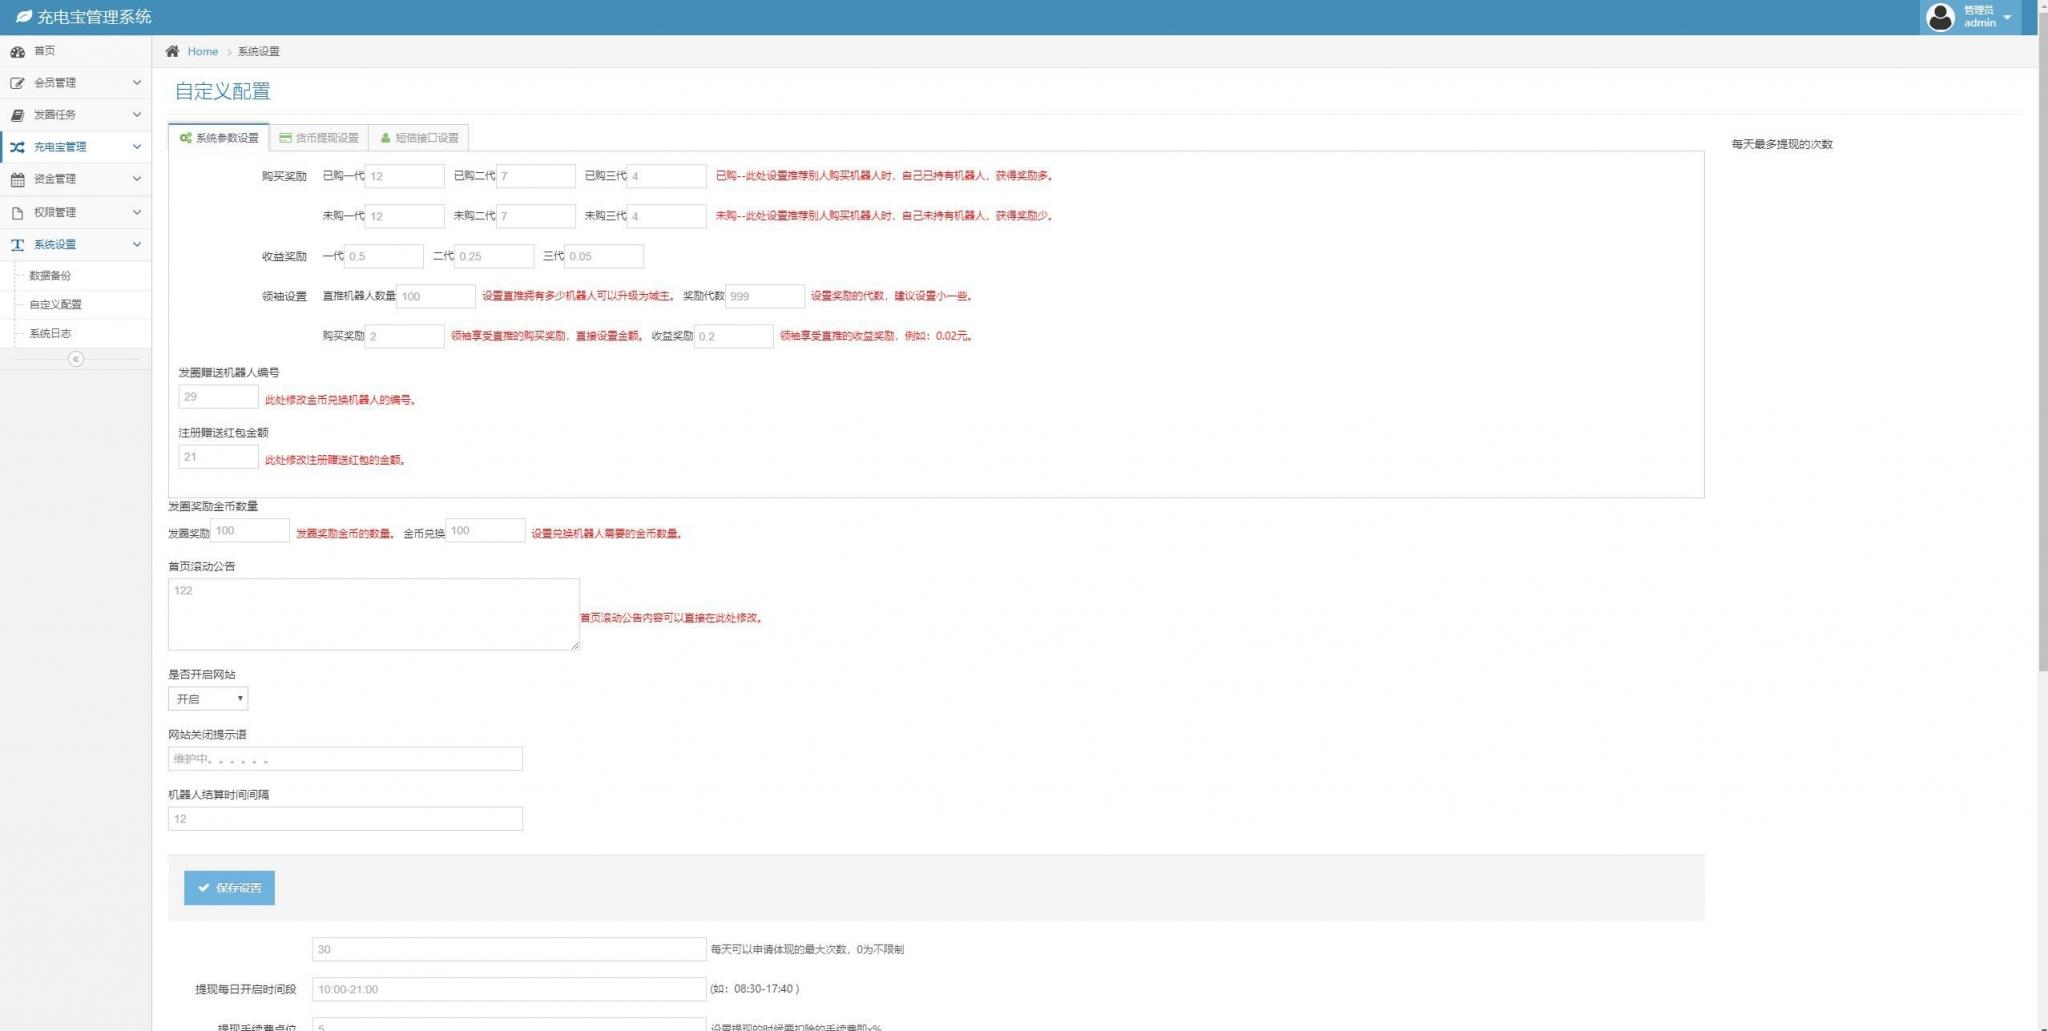 最新第二版共享充电宝街电衔电云矿机挖矿区块链项目网站源码(对接个人免签支付通道) PHP源码 第6张